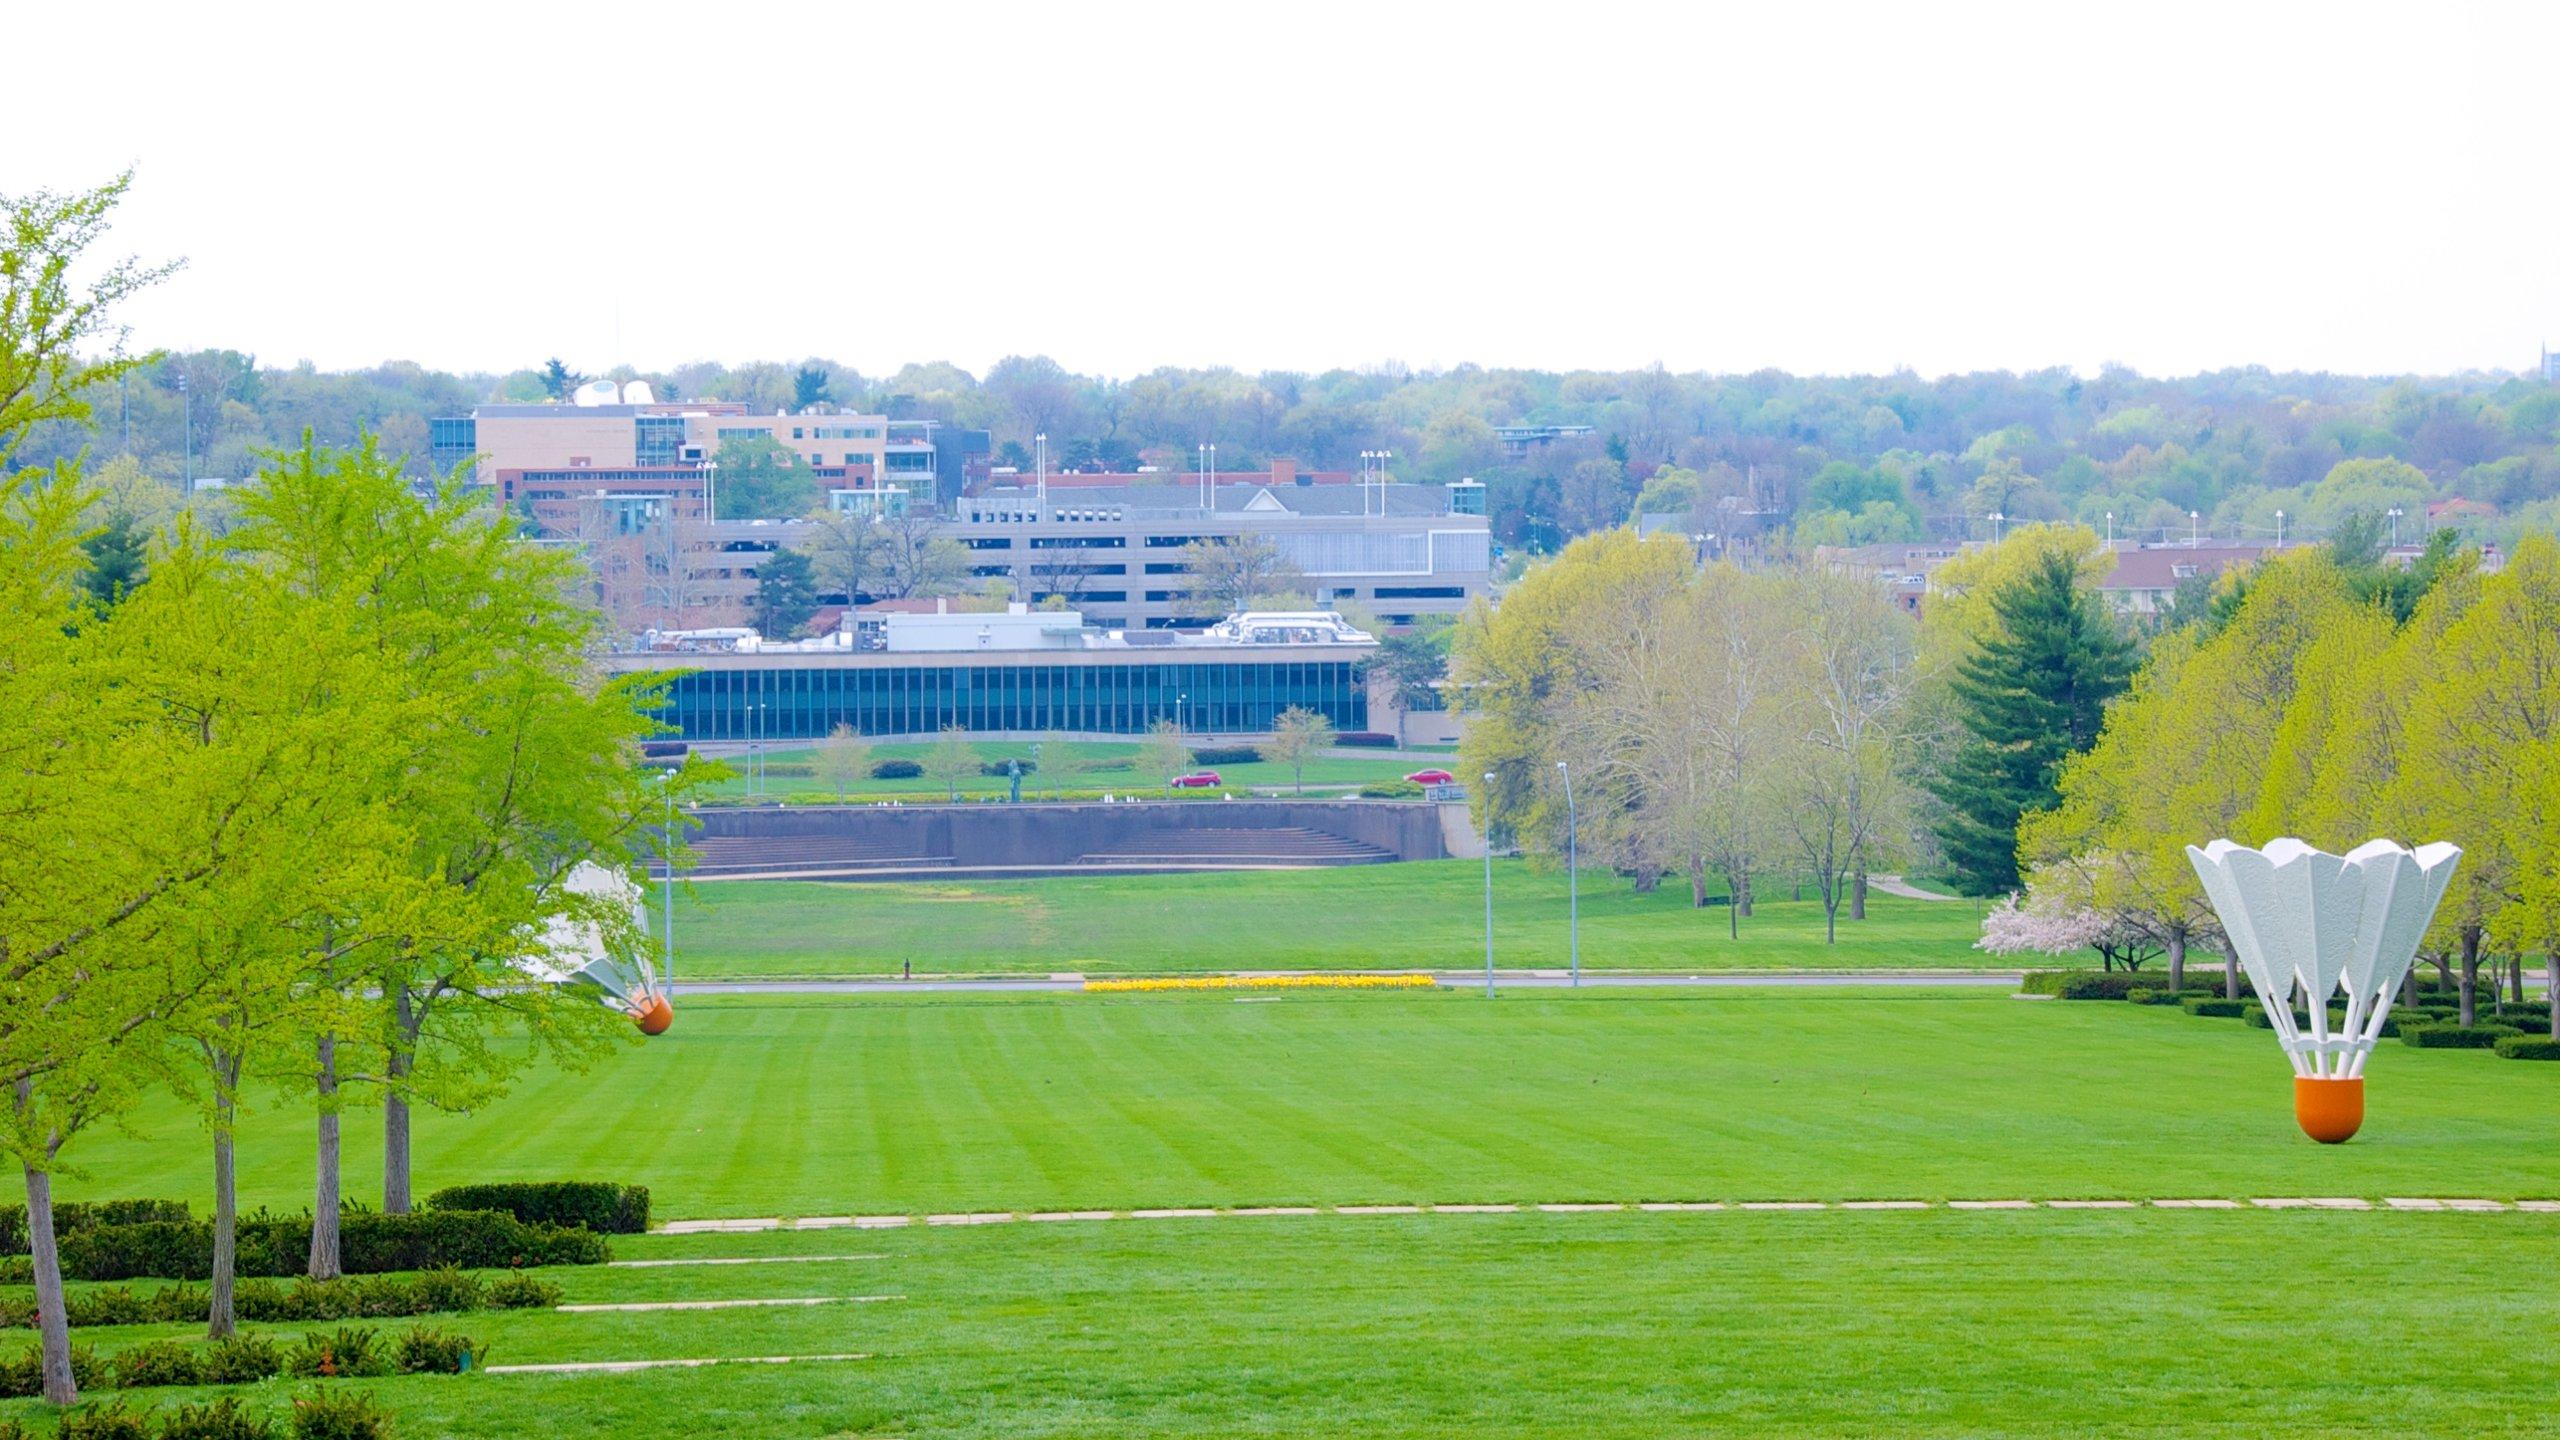 Midtown – Westport, Kansas City, Missouri, USA